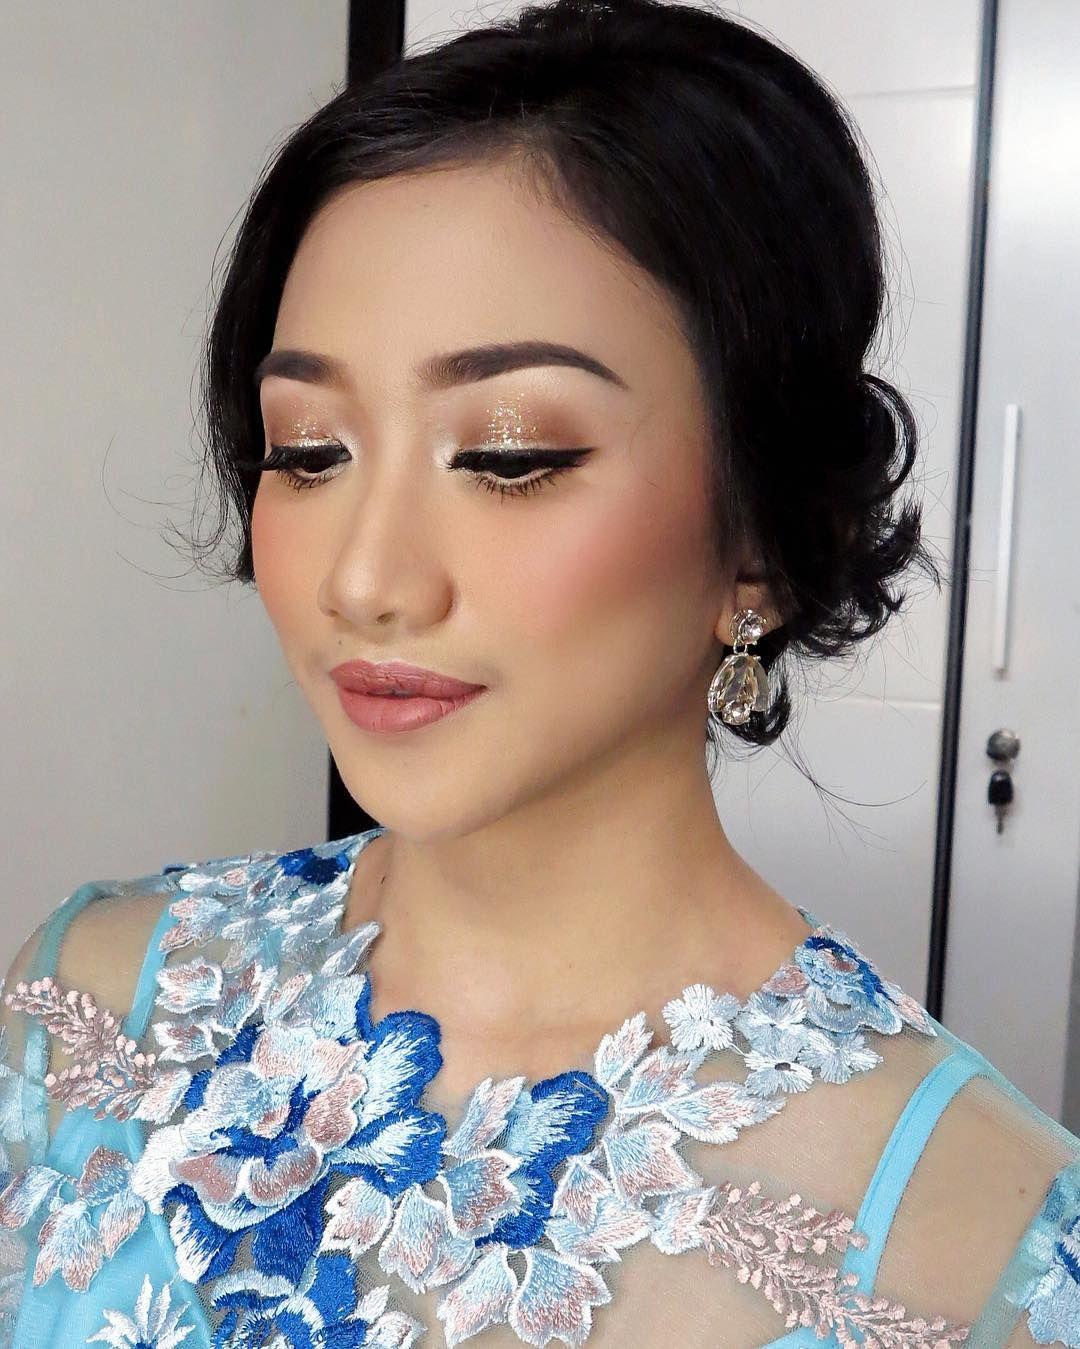 95 Likes, 3 Comments Makeup Artist Jakarta/Bogor